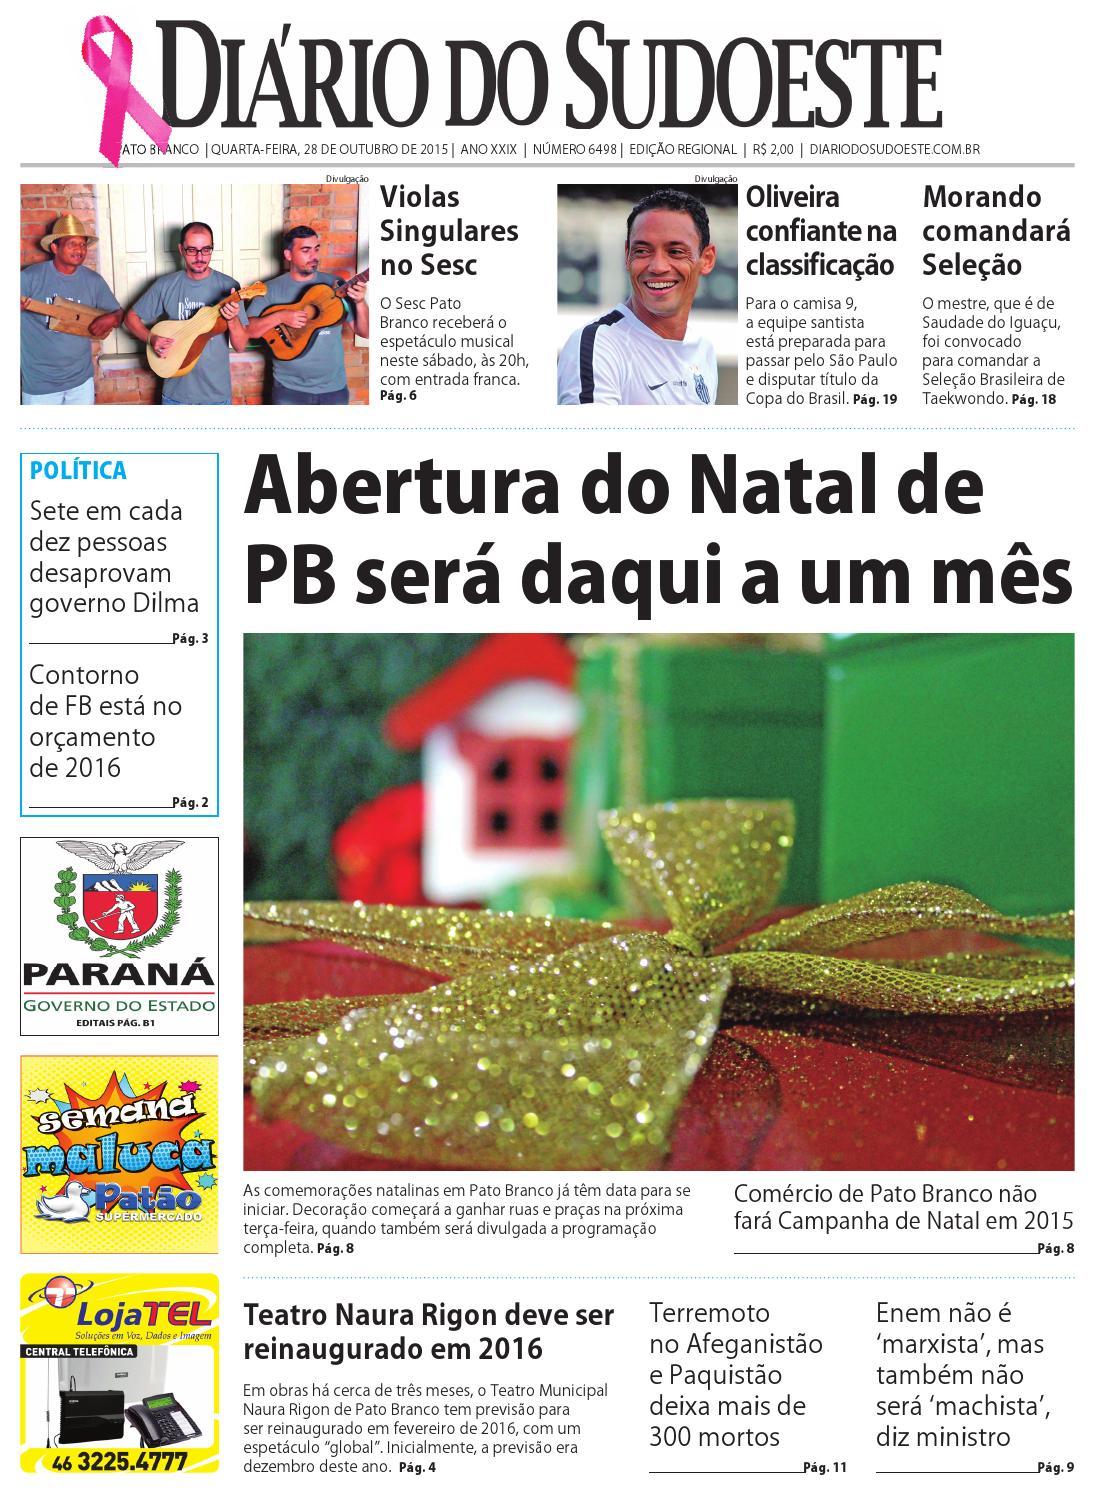 e363a4f032 Diário do sudoeste 28 de outubro de 2015 ed 6498 by Diário do Sudoeste -  issuu